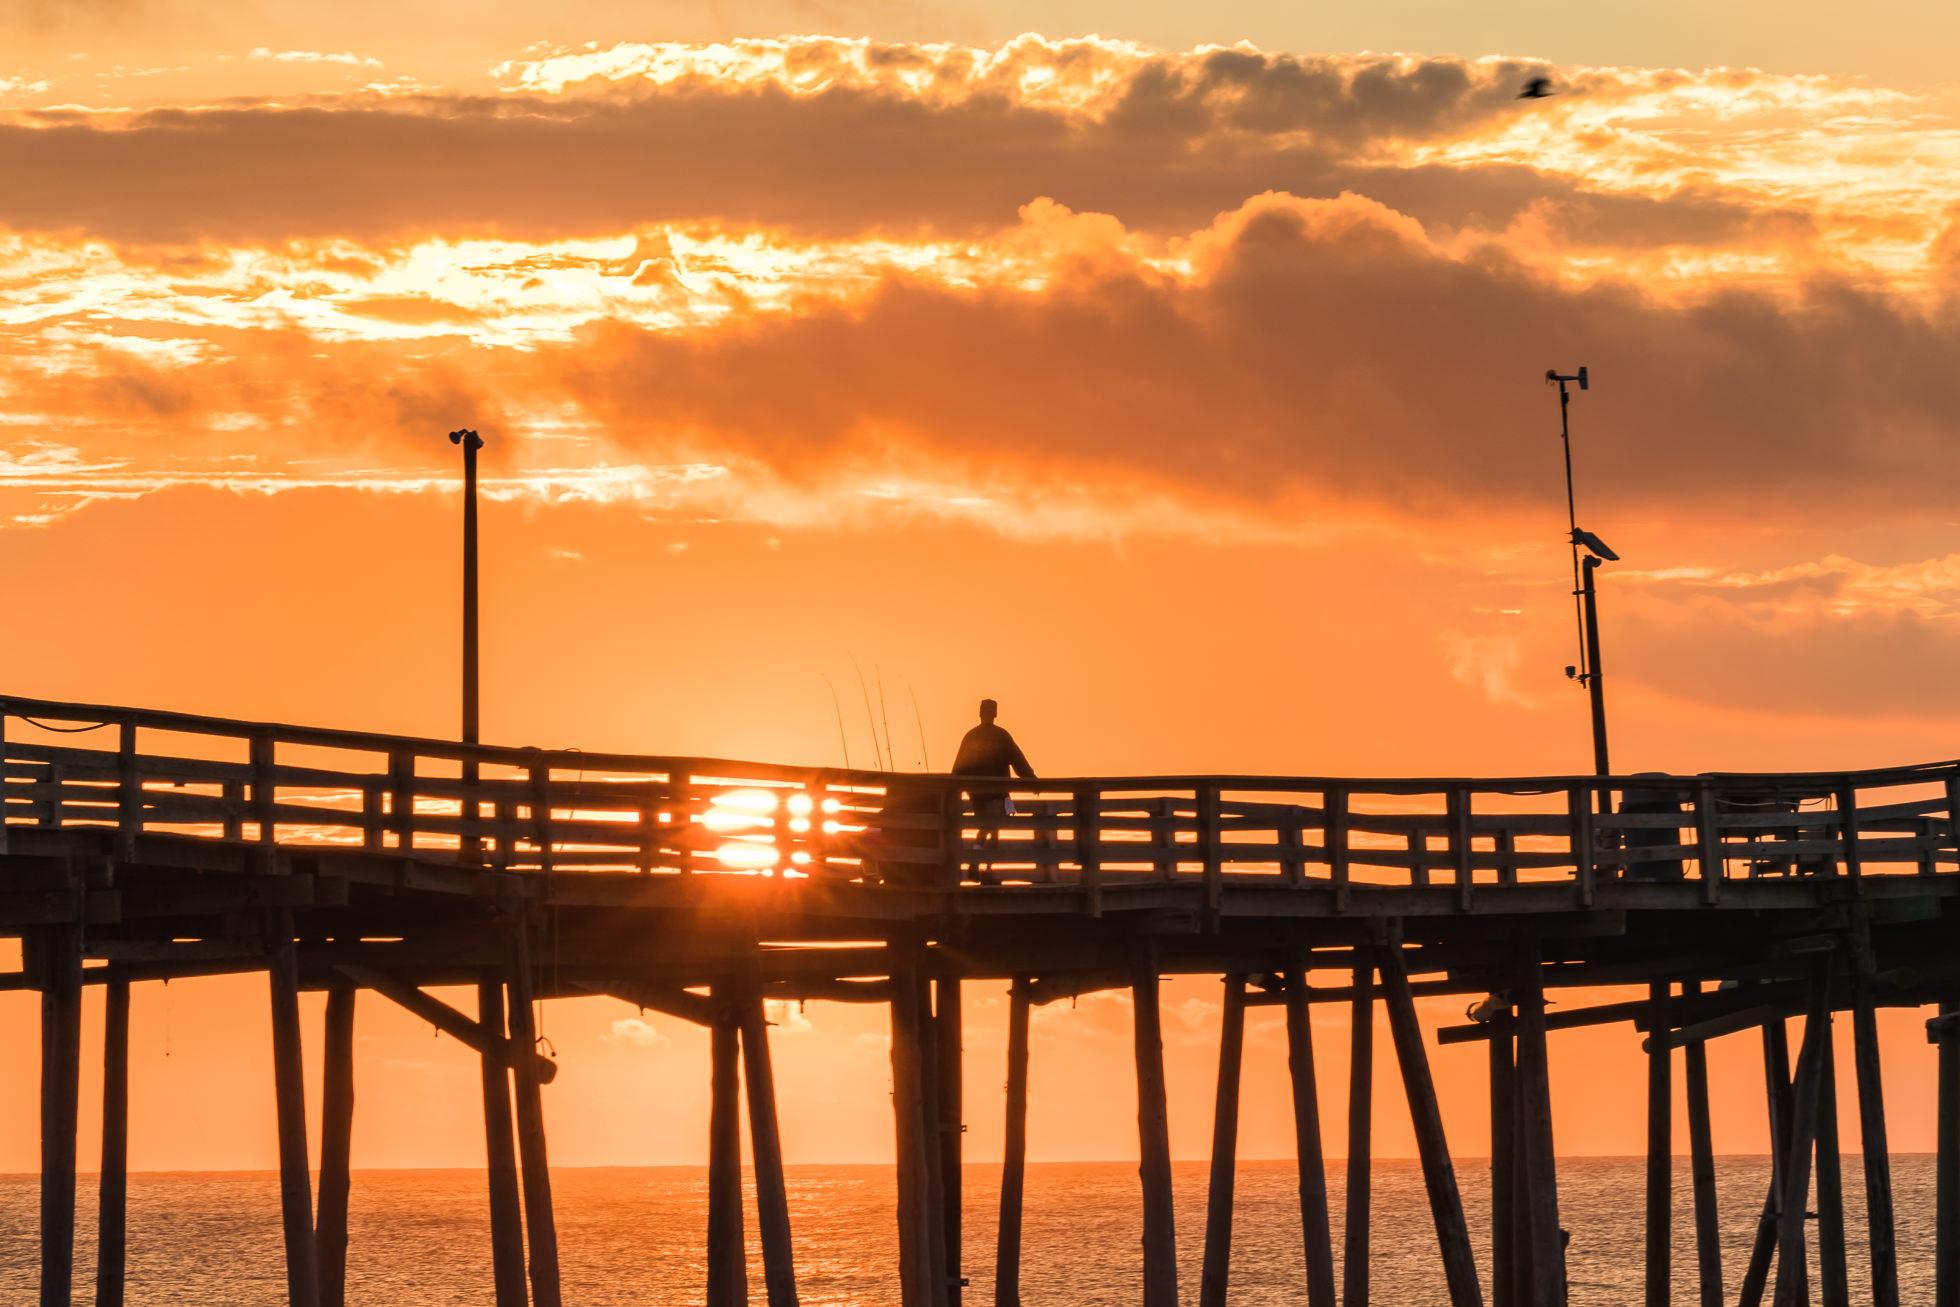 Orange sunset at the avon fishing pier outer banks North Carolina